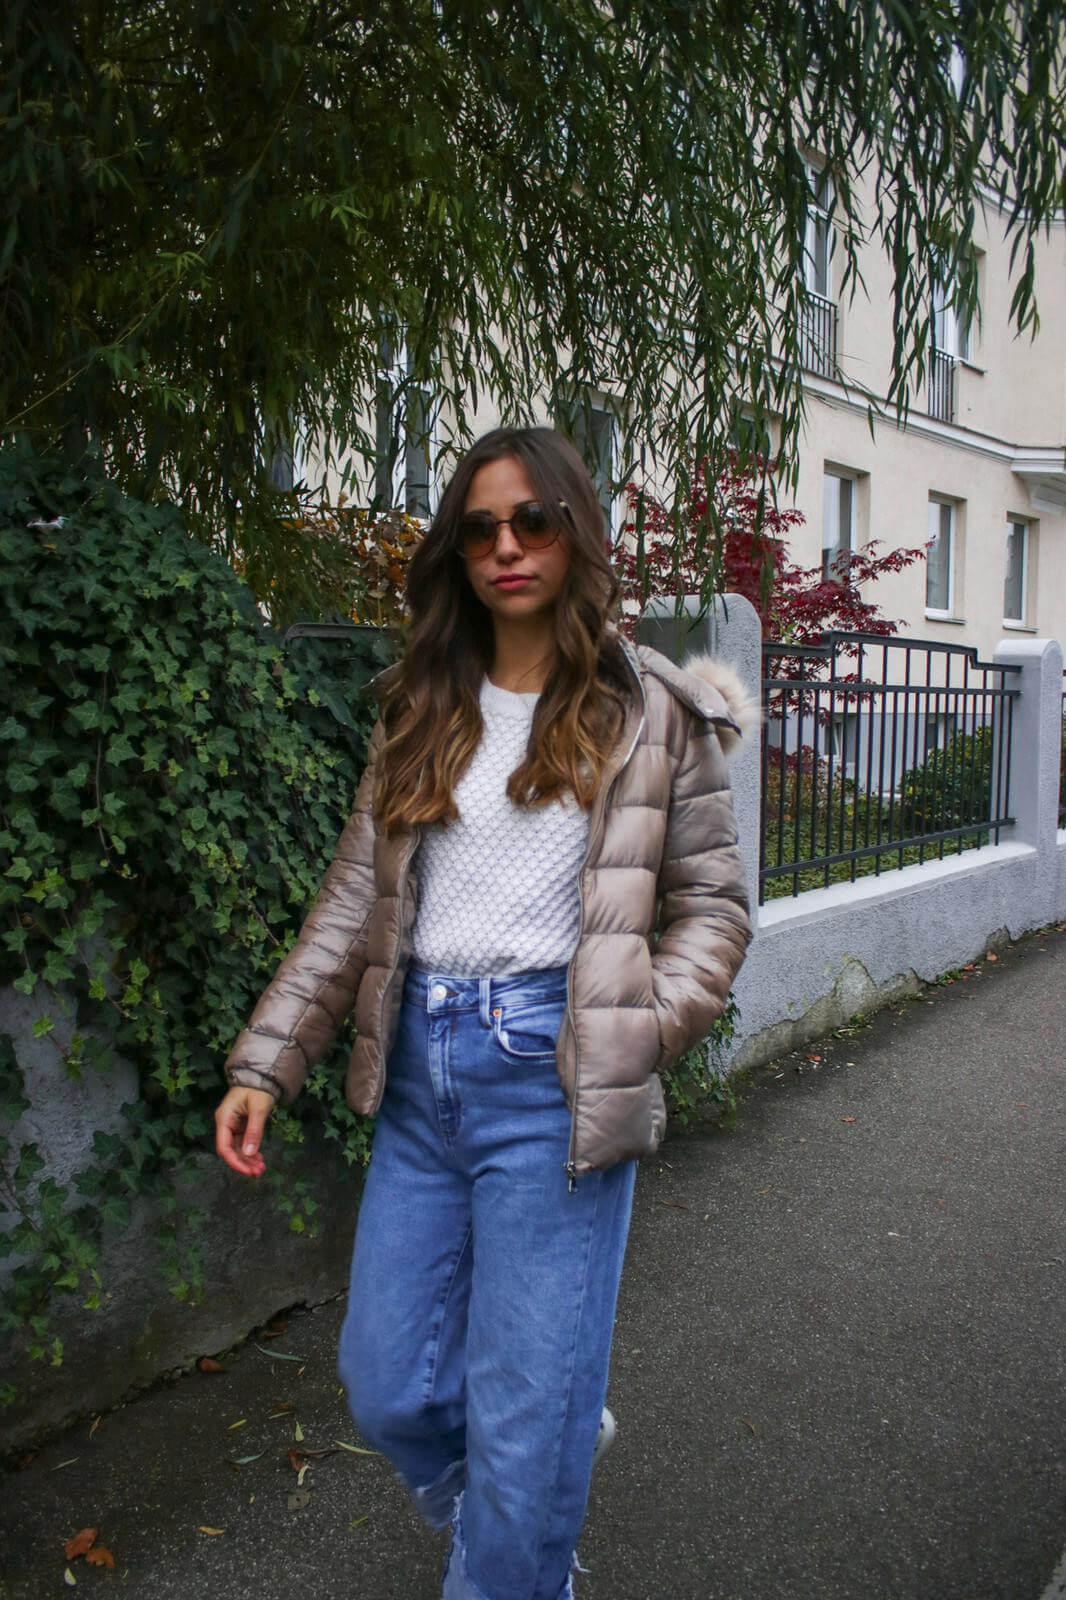 Jacken Trends – diese 5 Jacken solltest du dir jetzt holen!